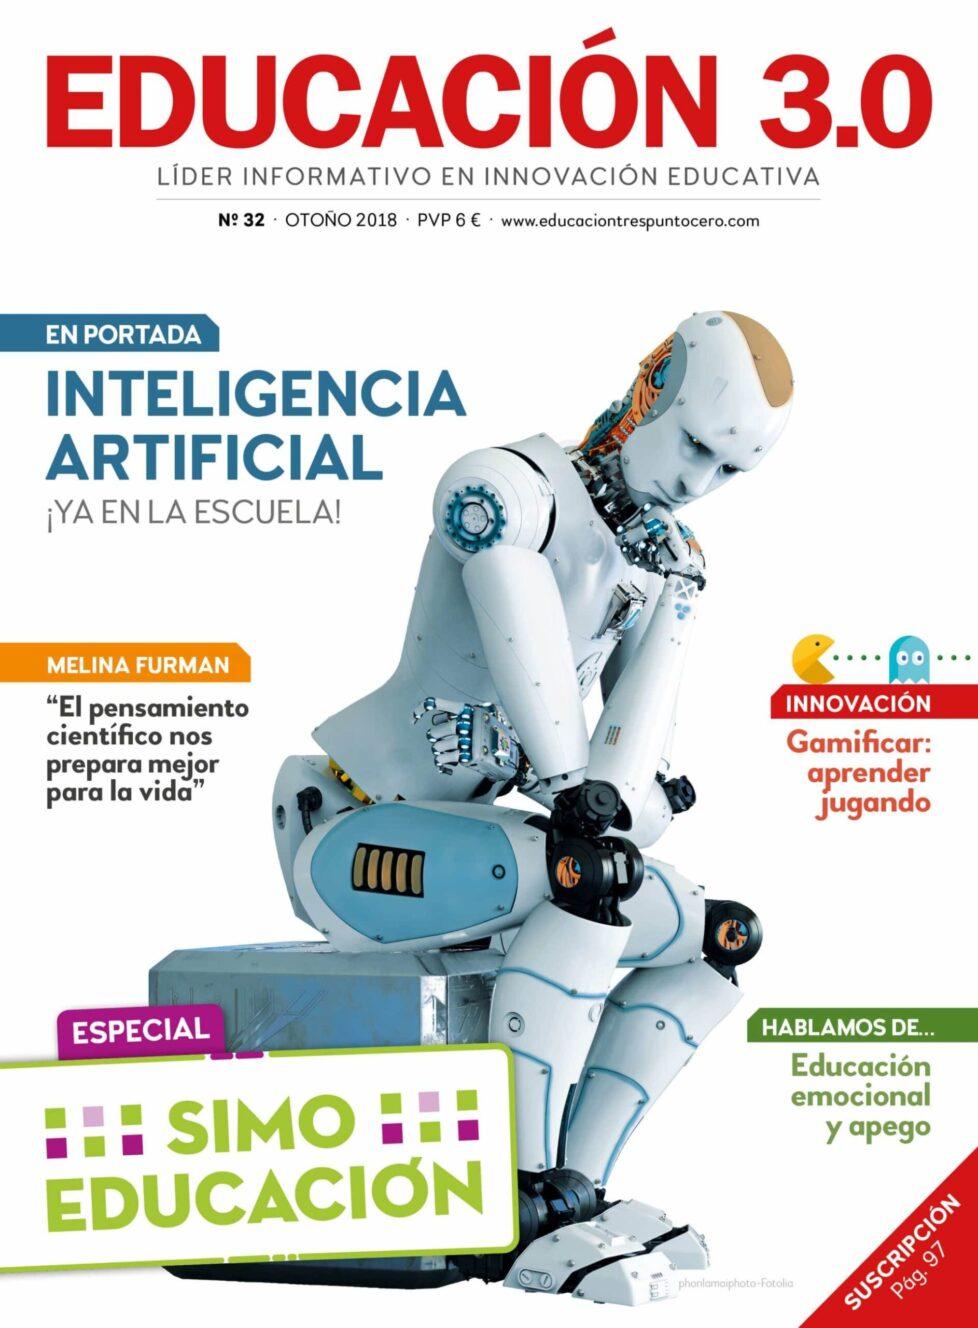 Nº 32 de la Revista EDUCACIÓN 3.0